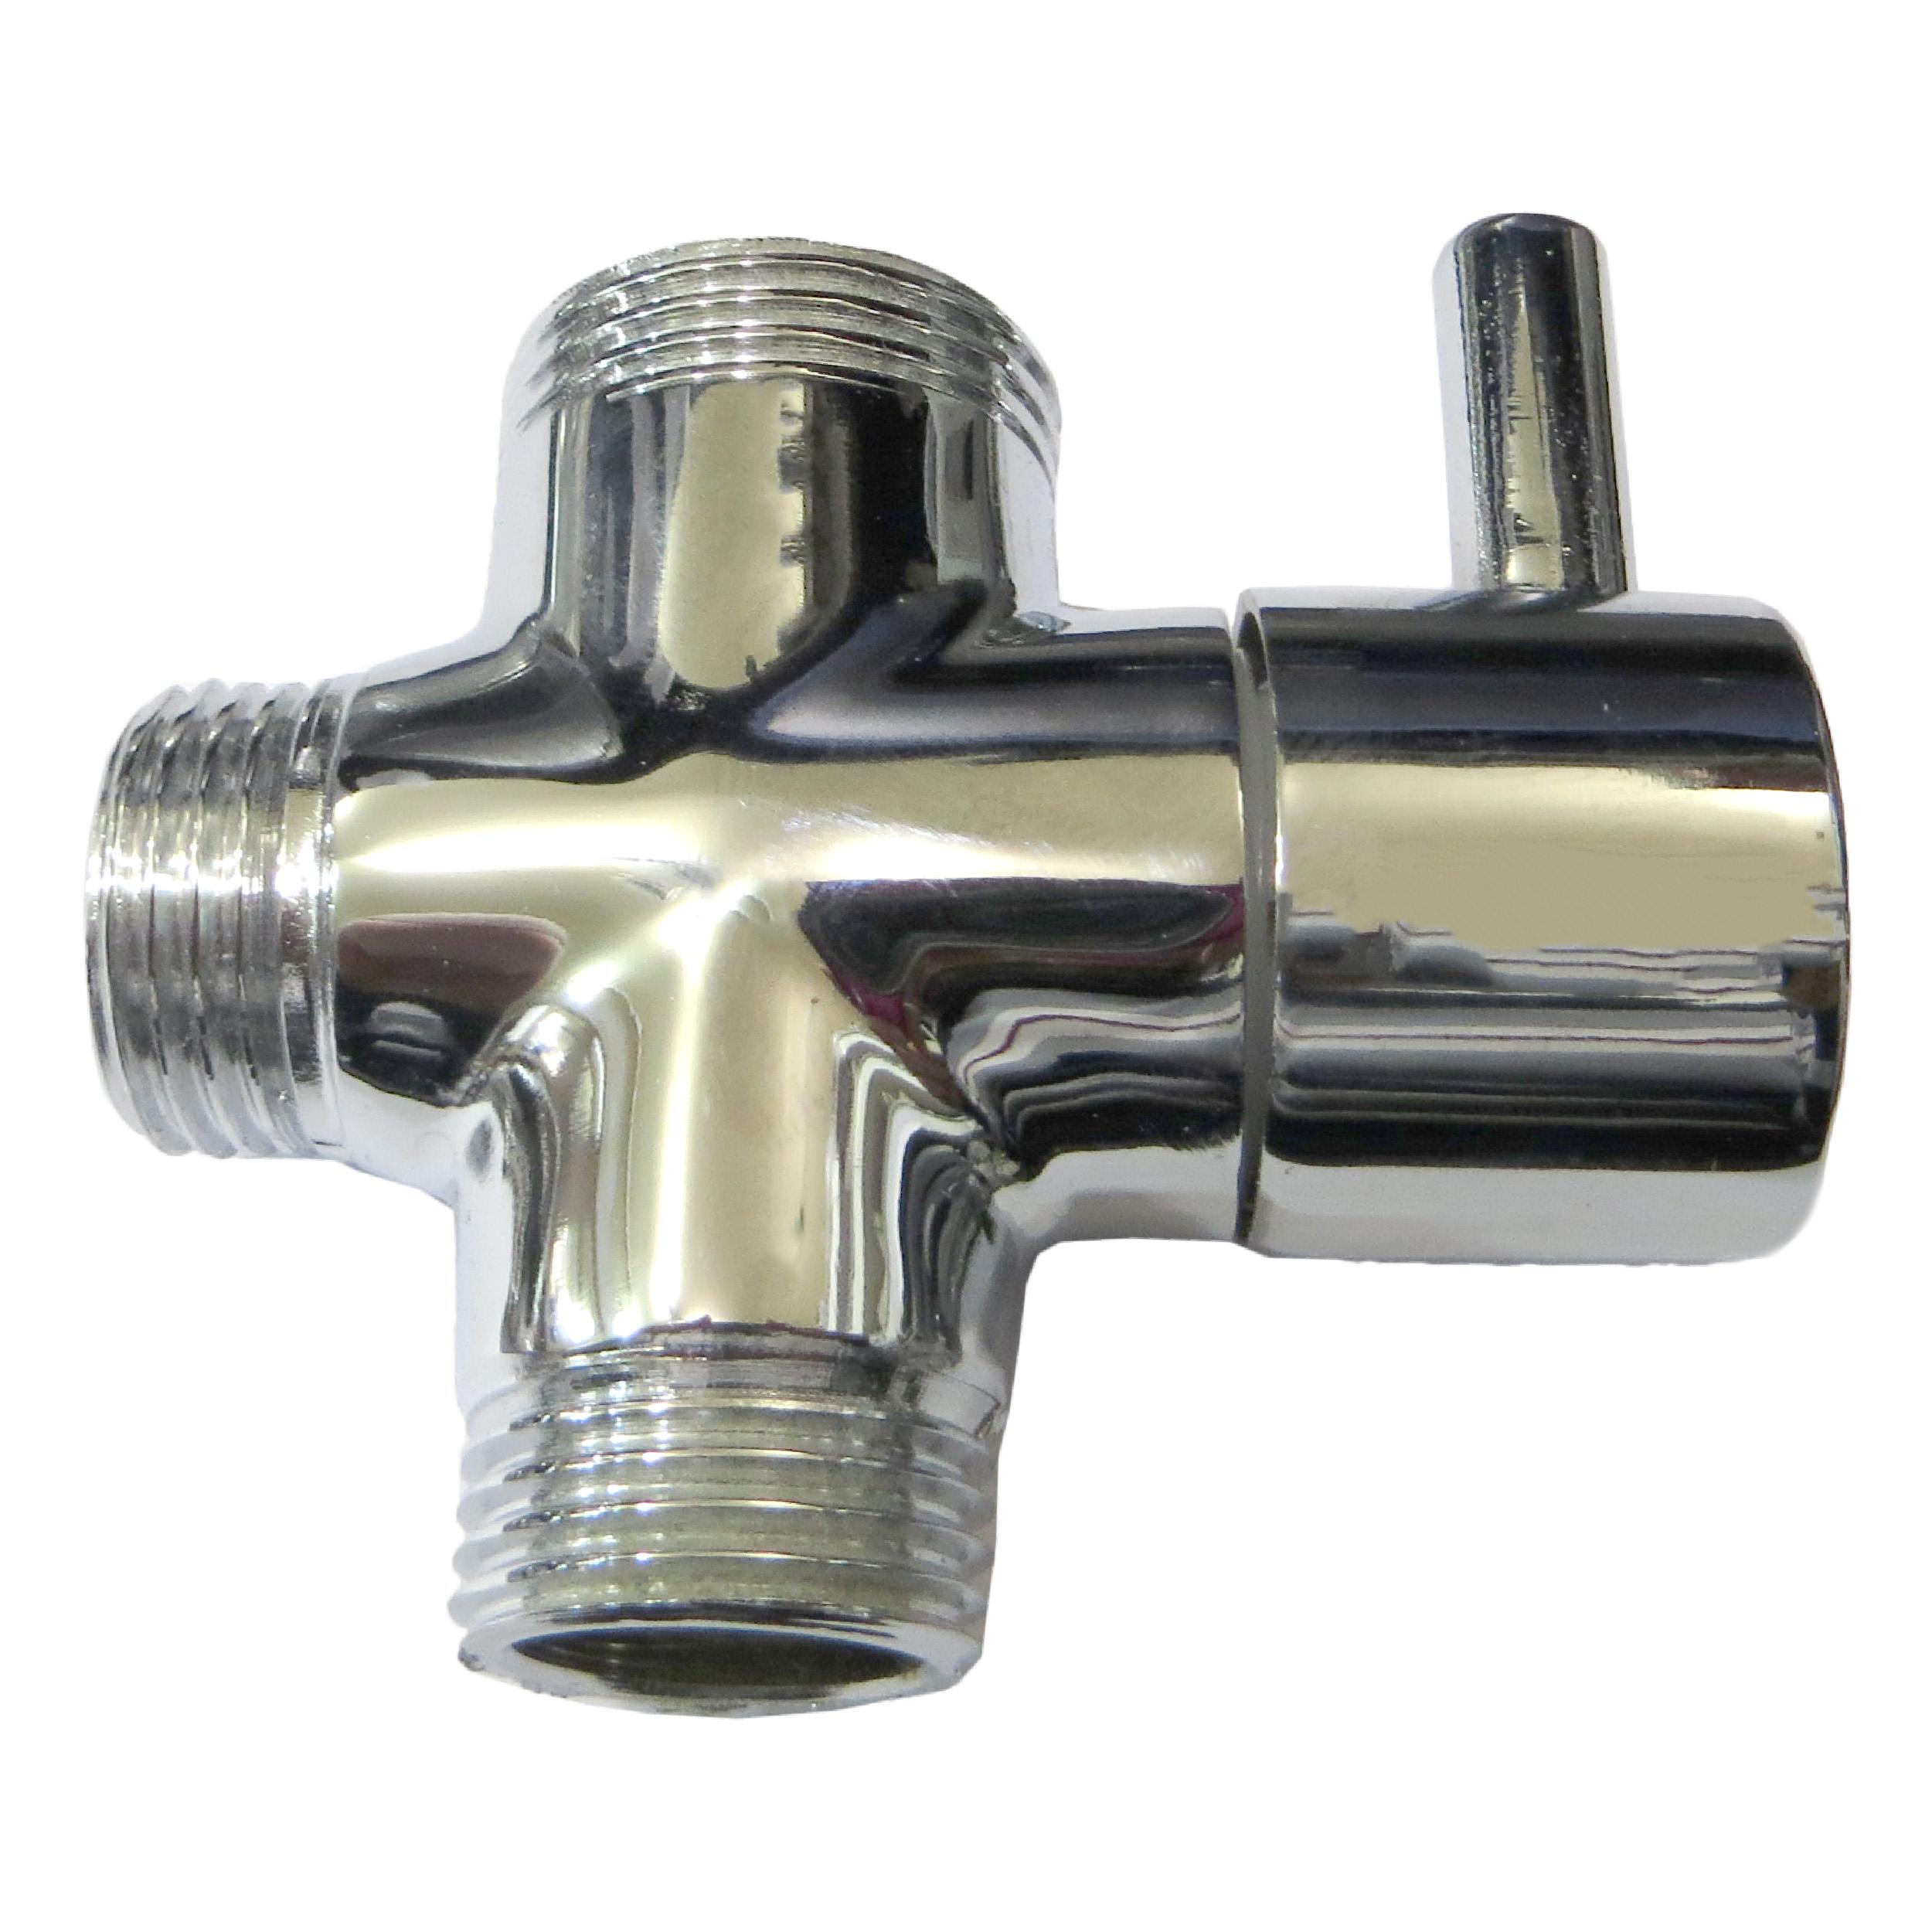 سه راه دوش حمام آرش مدل tenso1              ( قیمت عمده )